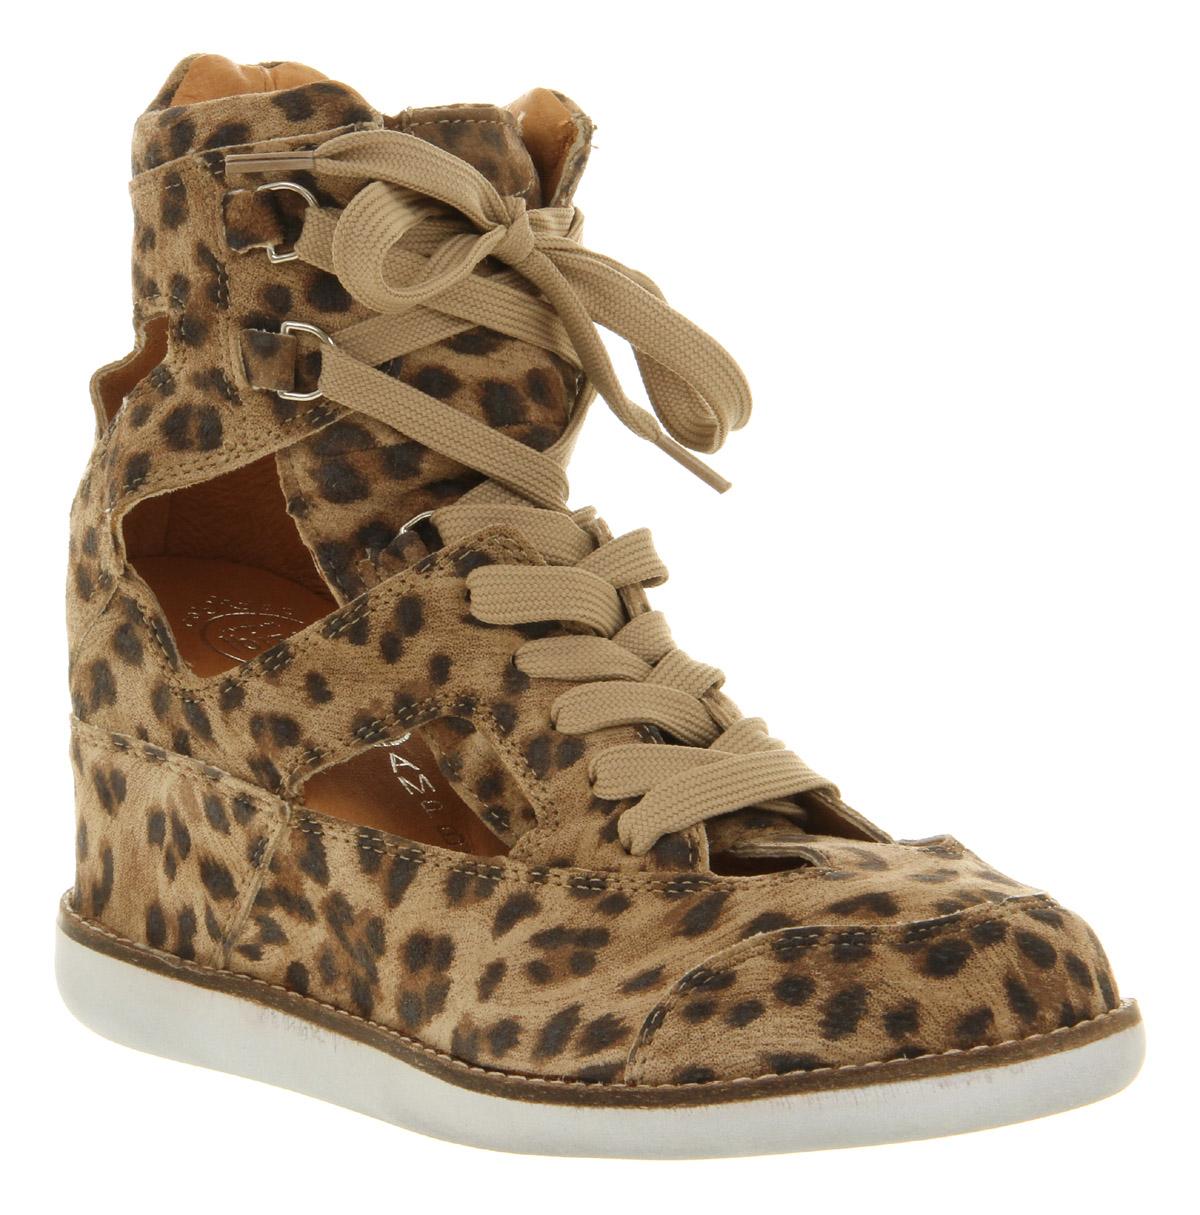 Womens-Jeffrey-Campbell-Padua-Leopard-Boots